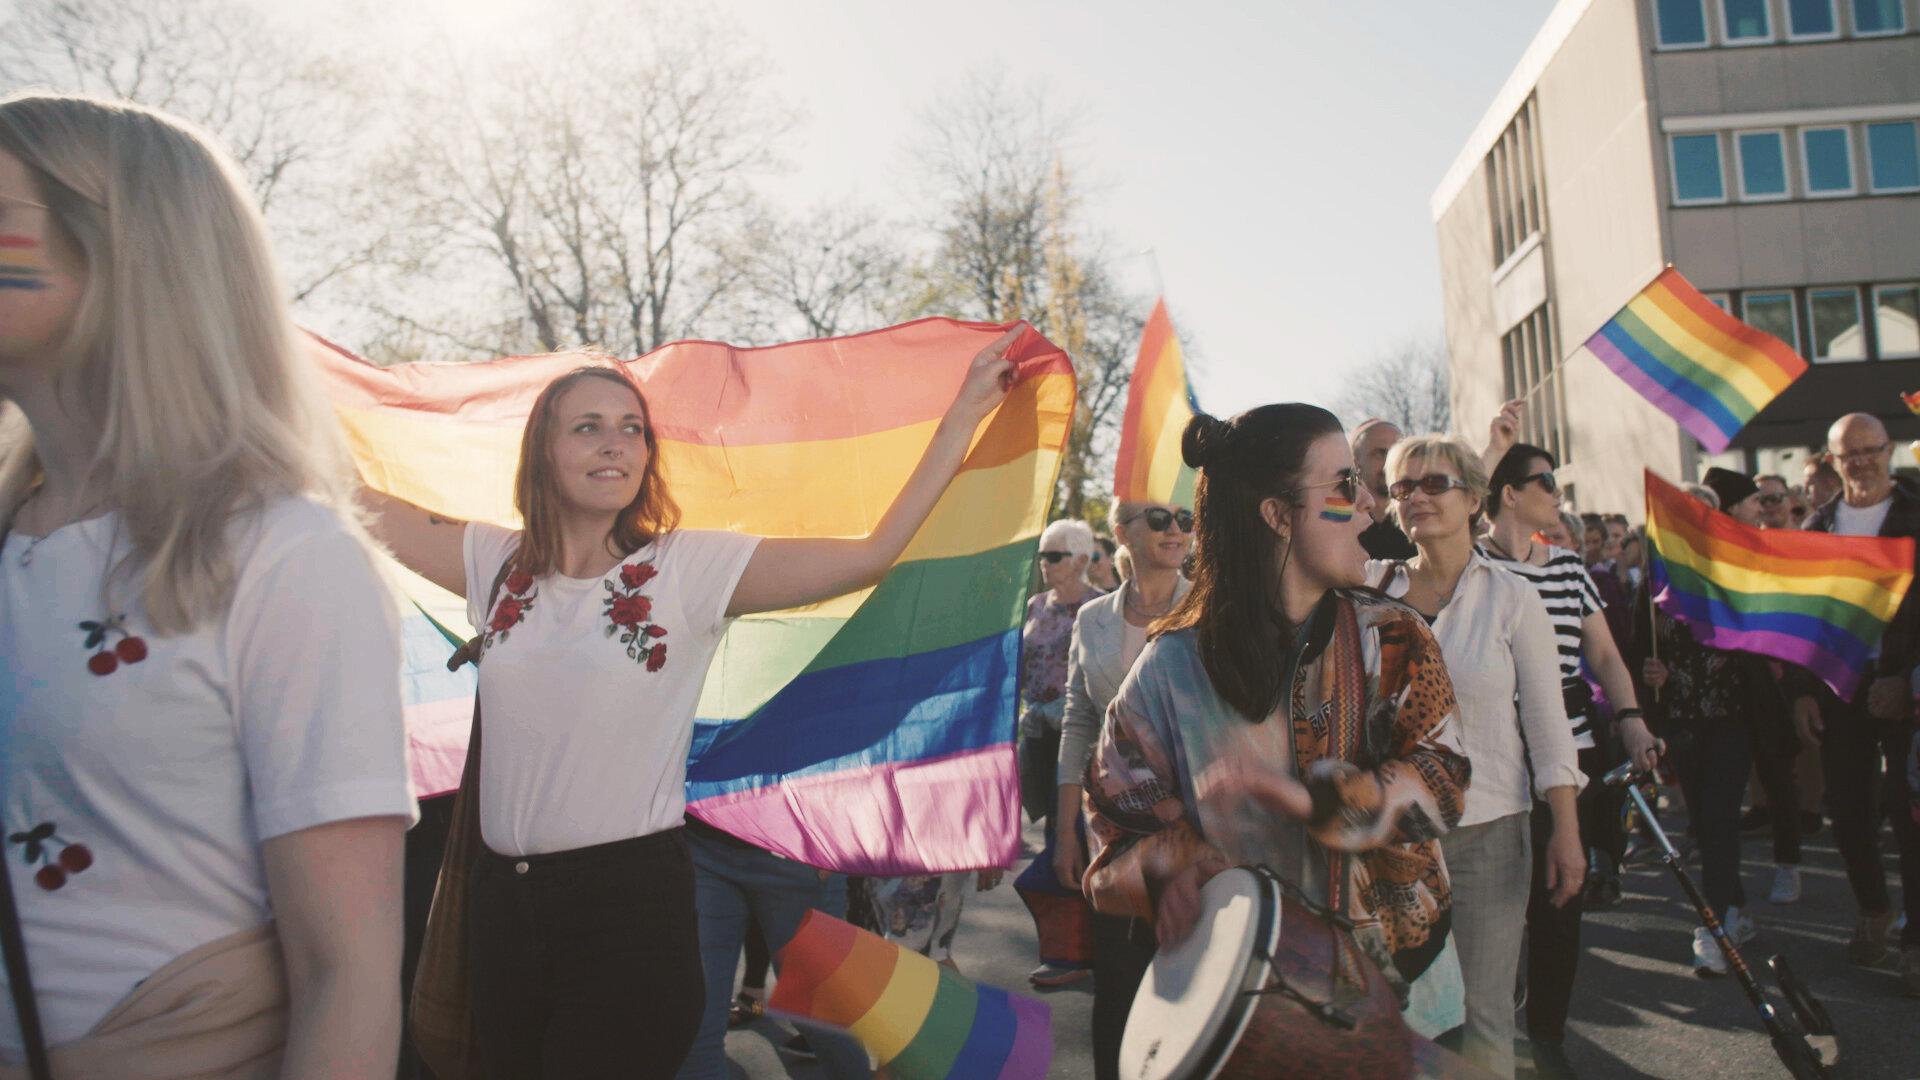 Film: Nordisk kortdokumentär: When Pride Came To Town   Kl 20.00, bio mauritz - obs ny tid!  Regi: Julia Dahr, Julie Lunde Lilesaeter, Norge, 2018 (18 min). Engelsk text. Historien om den första Pride-paraden på norska landsbygden. Vi möter Bjørn-Tore, 52 år, som lämnade sin uppväxts Volda för storstaden och möjligheten att leva det liv han ville. Nu kommer han tillbaka, för att delta i den första lokala Prideparaden i just hans stad. Det är med blandade känslor Bjørn-Tore återvänder och den lokala befolkningen är delad i två läger inför evenemanget. Visas i samarbete med Tempo dokumentärfestival.  Läs mer